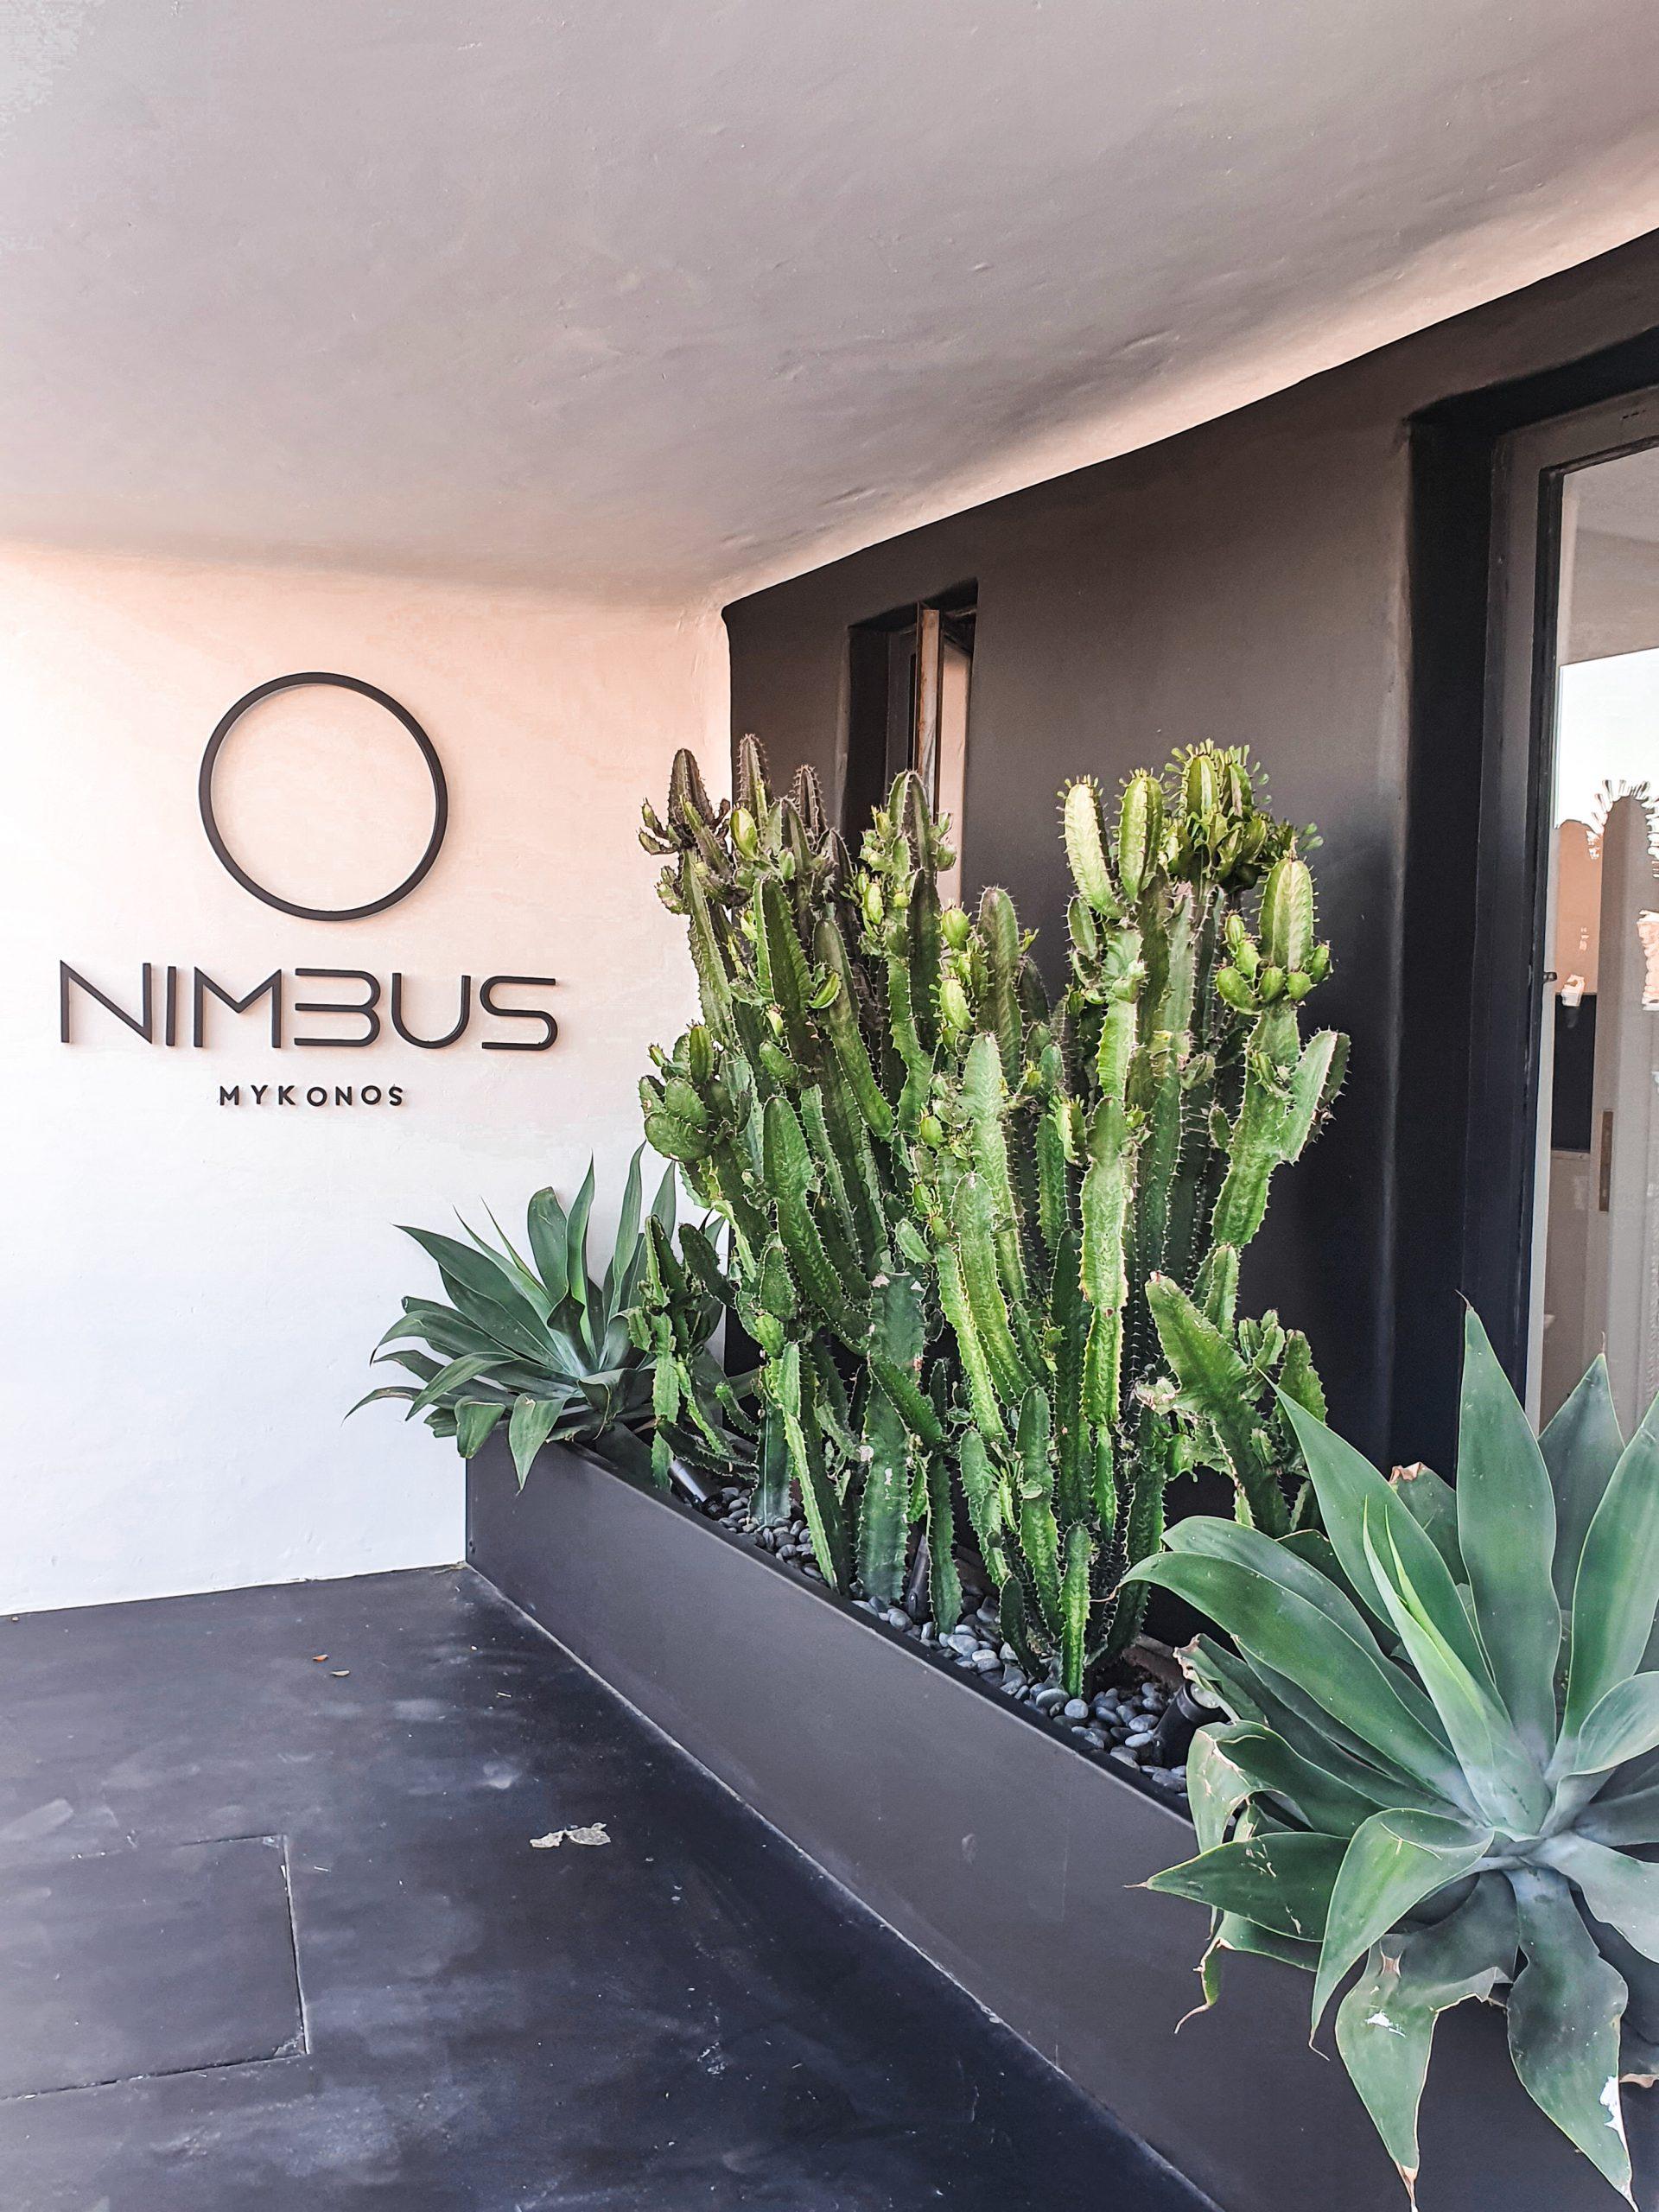 Spending a weekend at Nimbus Mykonos